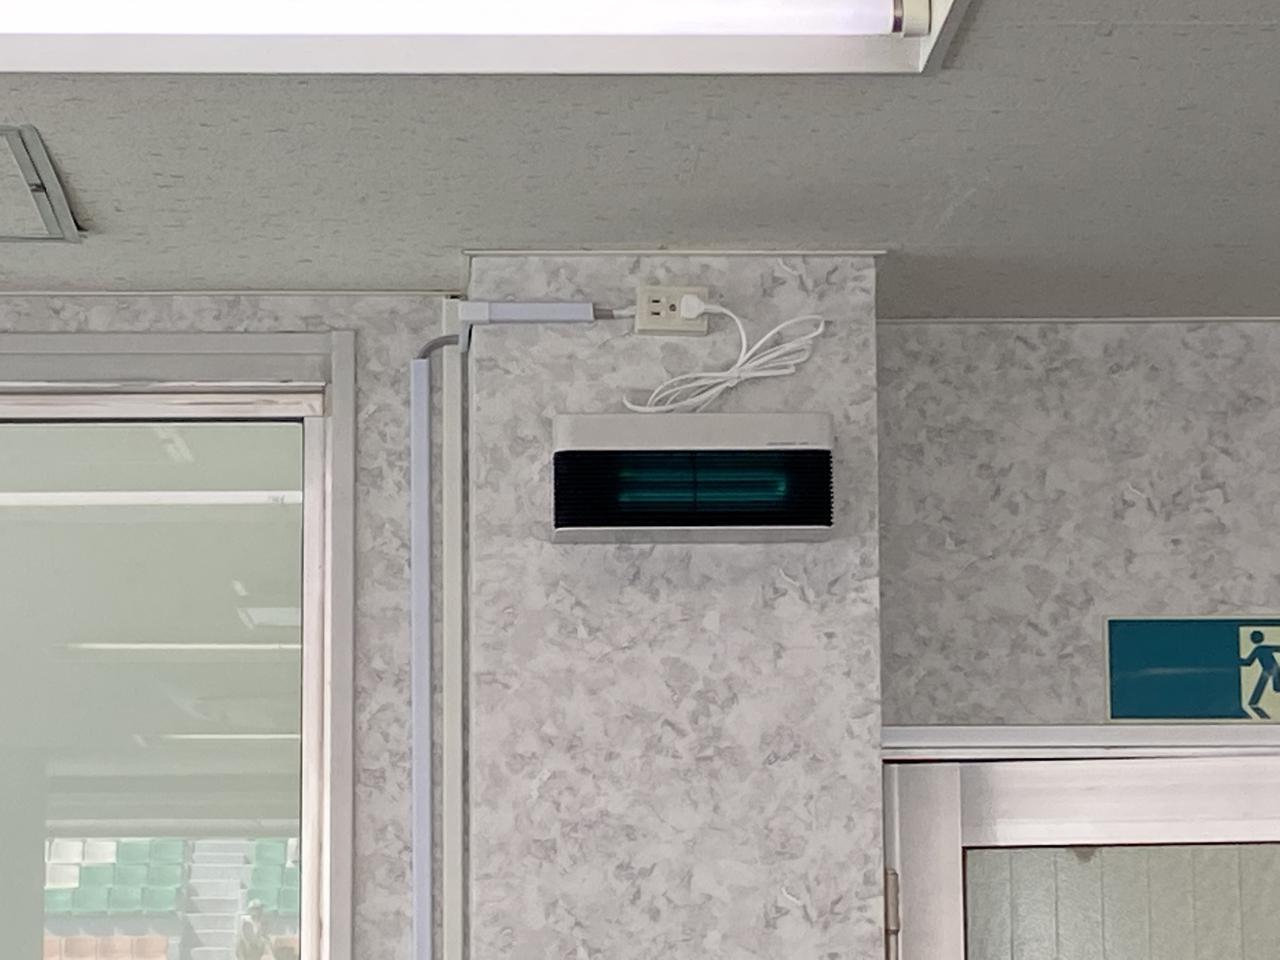 画像: レースを管理するコントロールタワーには、新たに紫外線照射装置が設置されたとのこと。